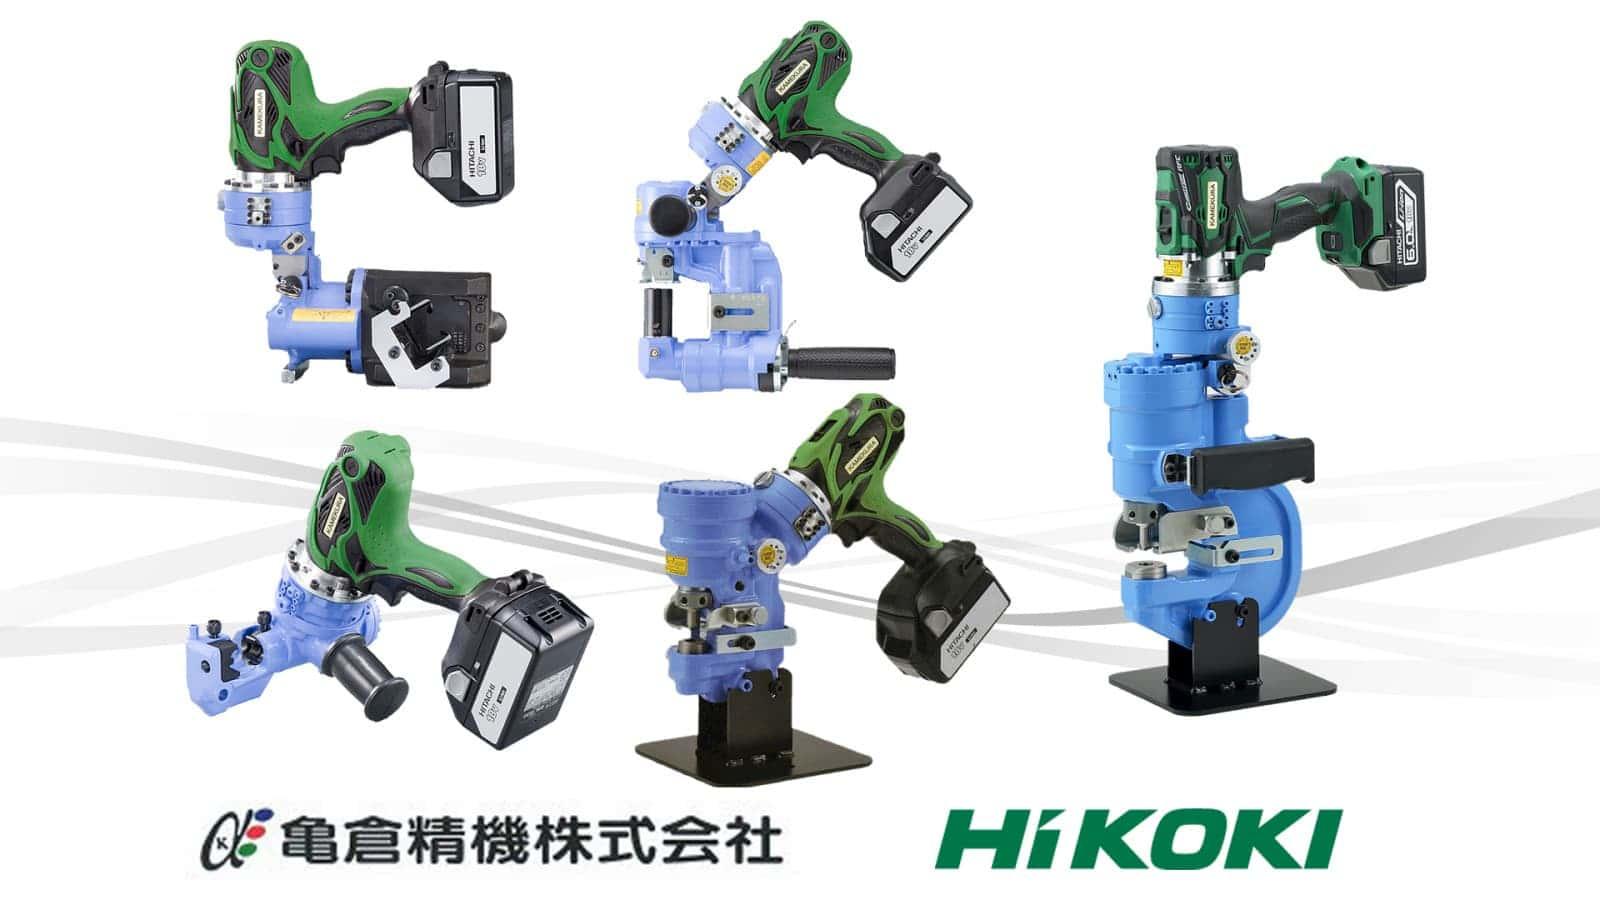 亀倉精機 HiKOKI 18Vバッテリーが使える油圧工具